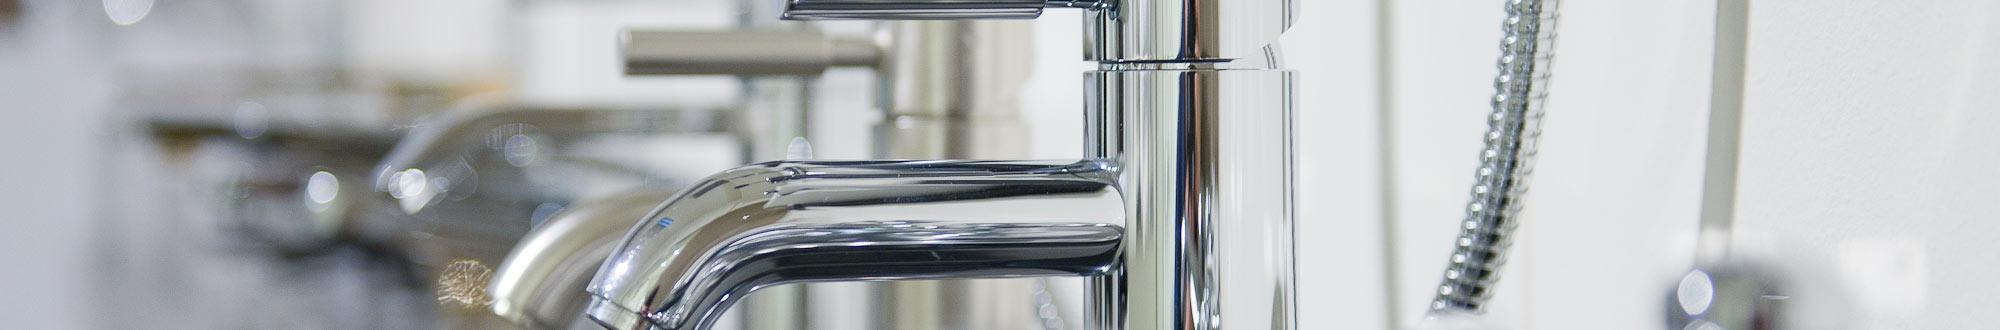 Accesorios De Baño Marcas:tono Bagno, Accesorios para el baño de diseño